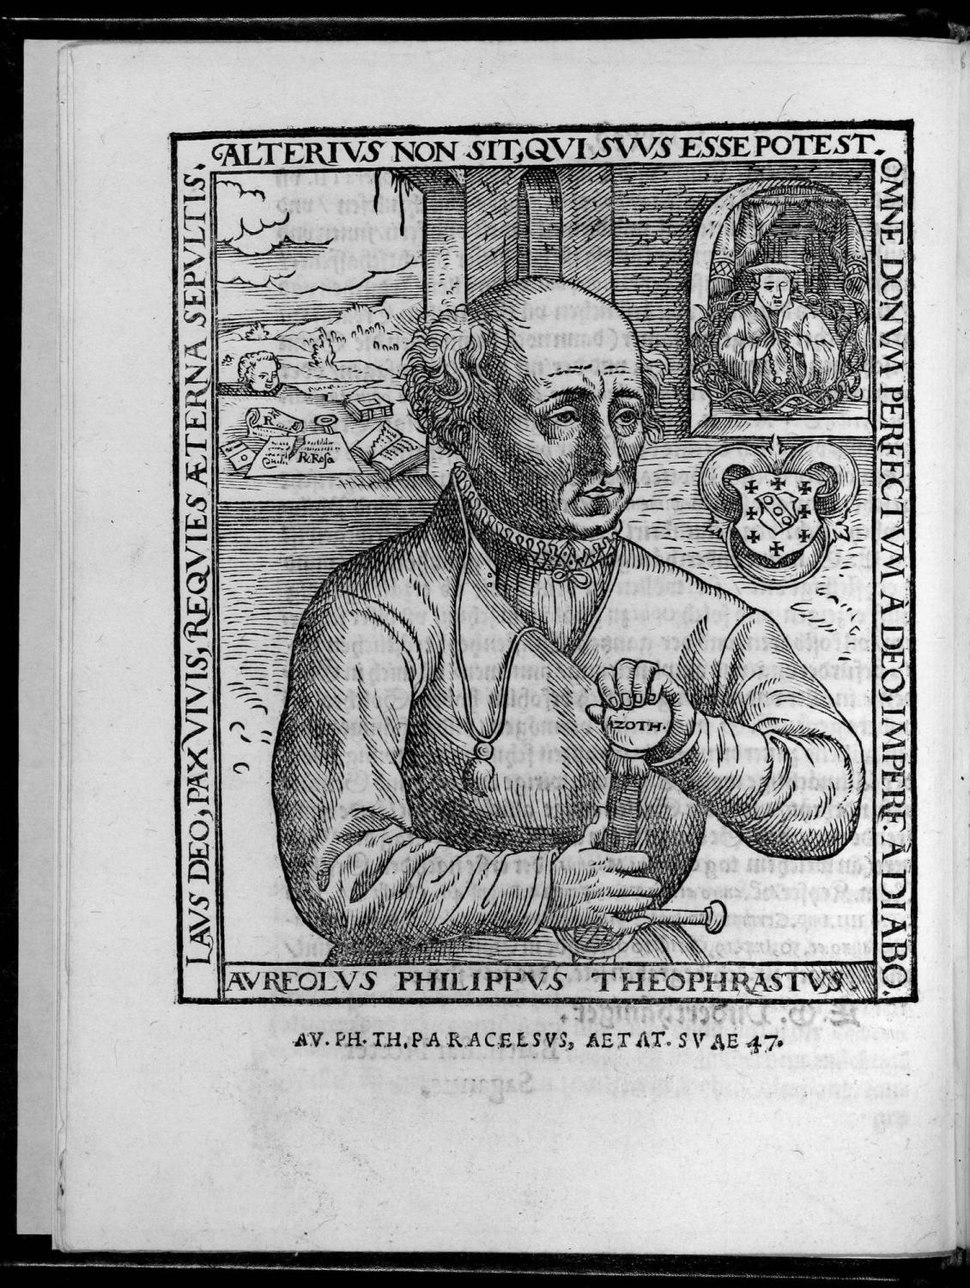 Paracelsus 1567